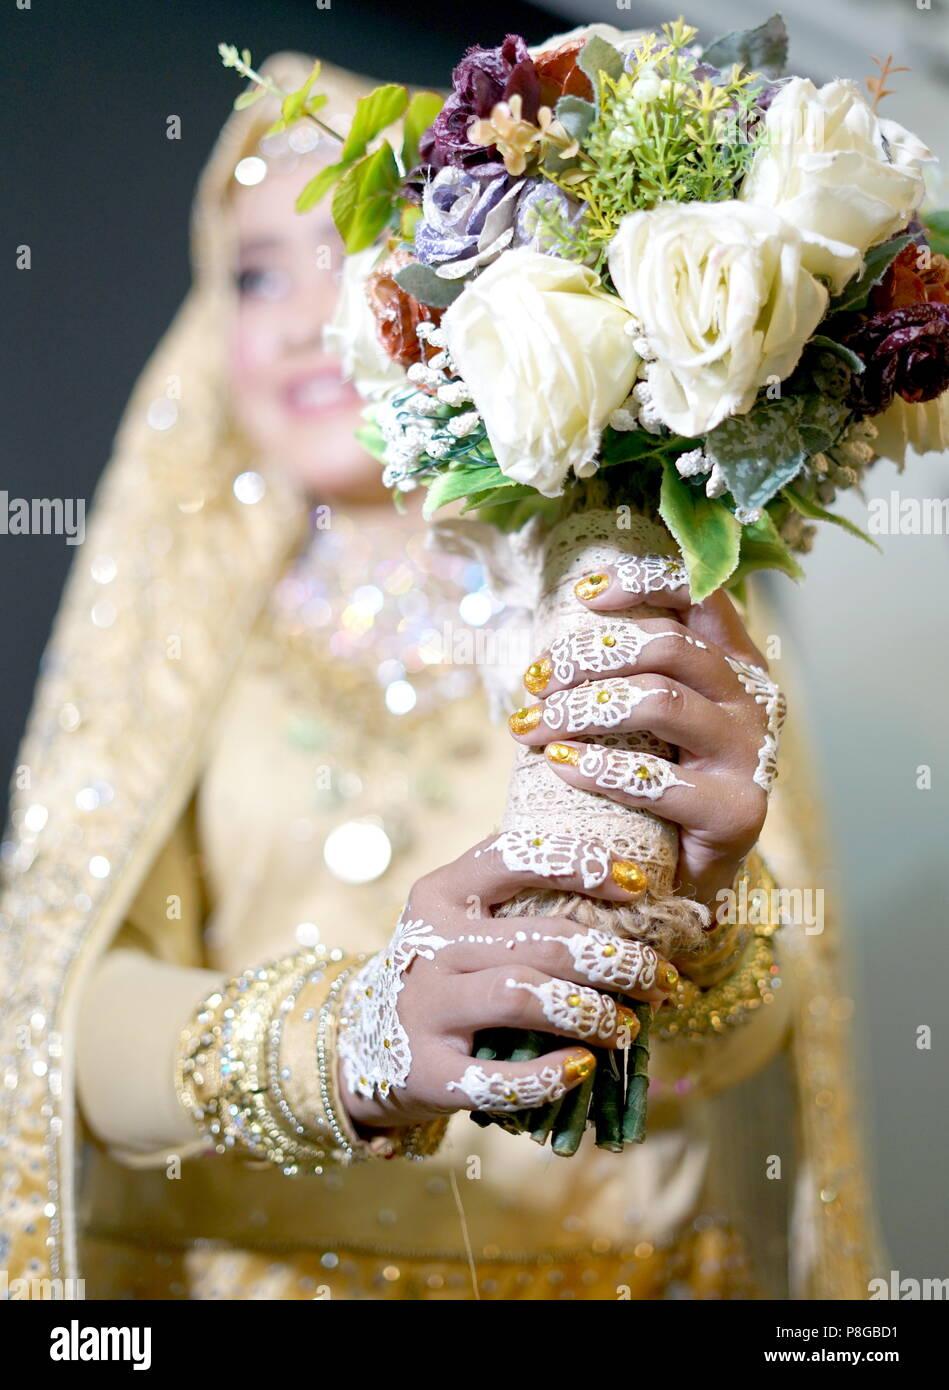 Belle Mariée la main de tatouage au henné holding, fleurs de mariage cérémonie tradition indonésienne Photo Stock